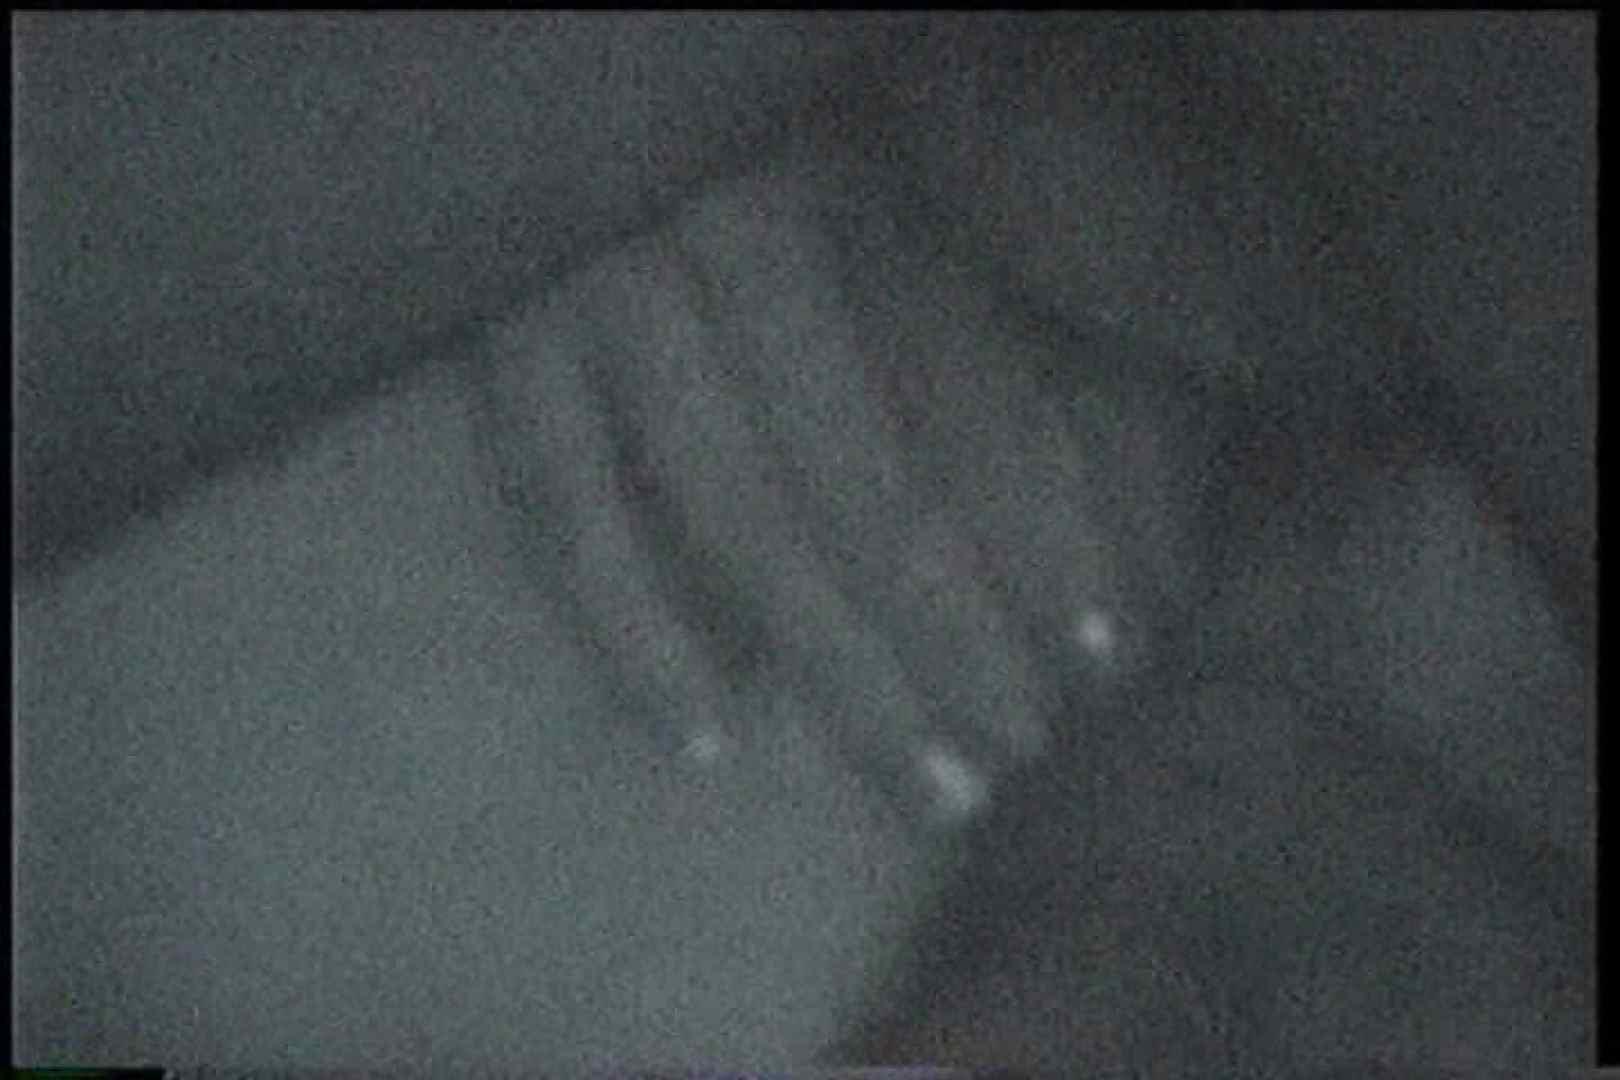 充血監督の深夜の運動会Vol.177 後編 エロティックなOL セックス画像 91画像 5